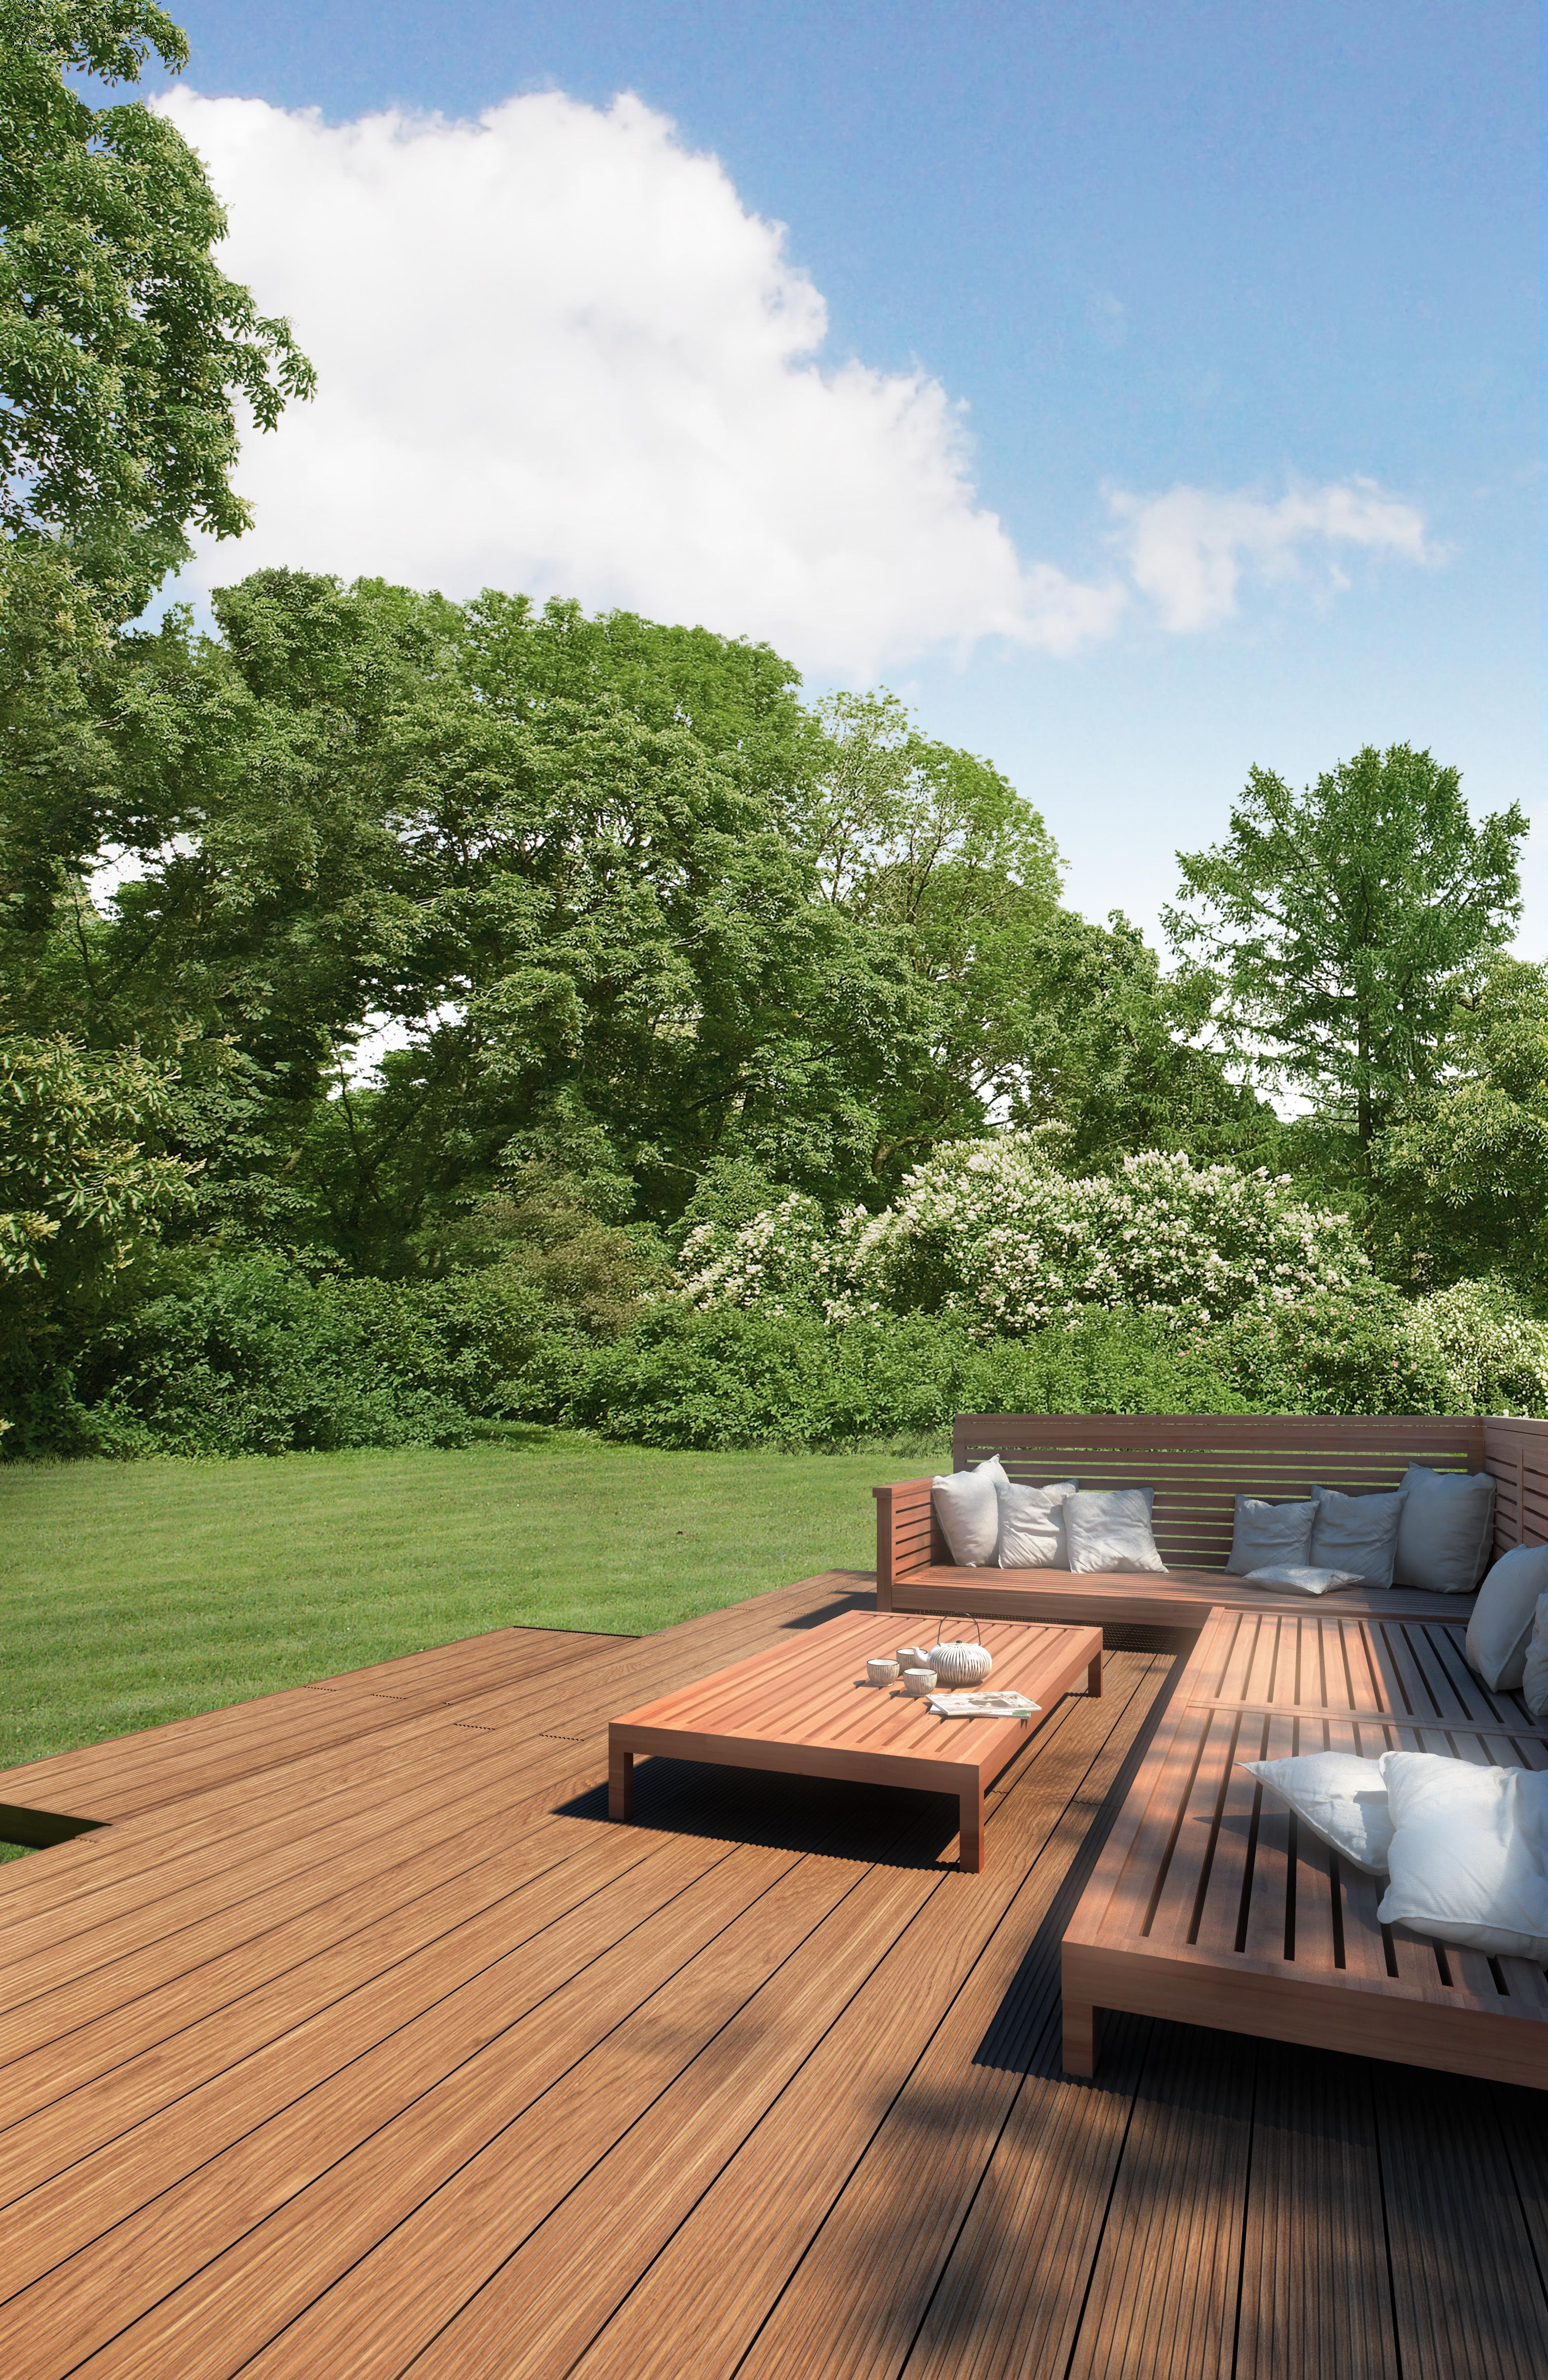 Produit Pour Nettoyer Terrasse En Bois terrasses et bardages en bois composite : pourquoi vous